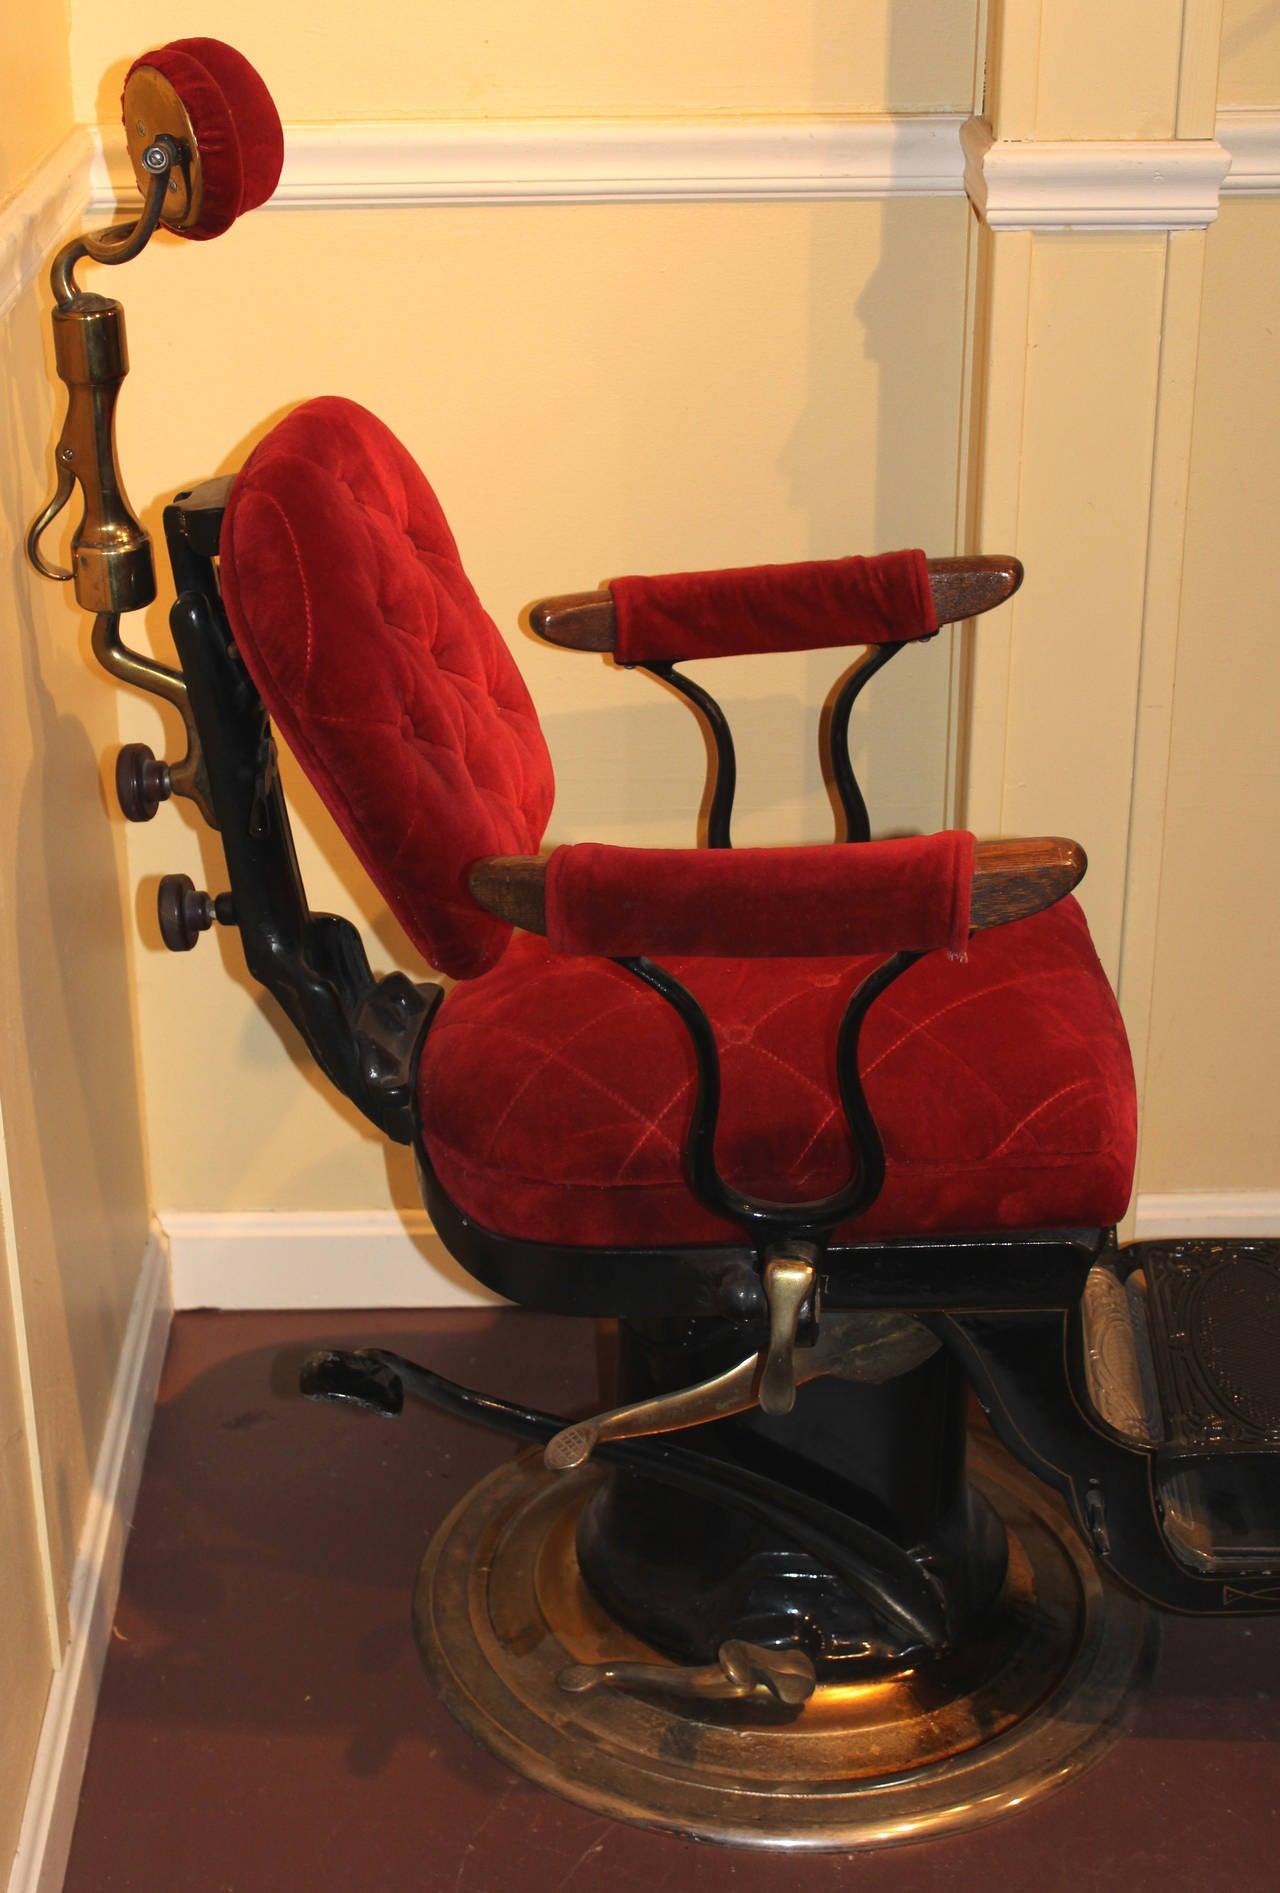 Ritter Imperial Columbia Dental or Dentist Chair circa 1905 1925